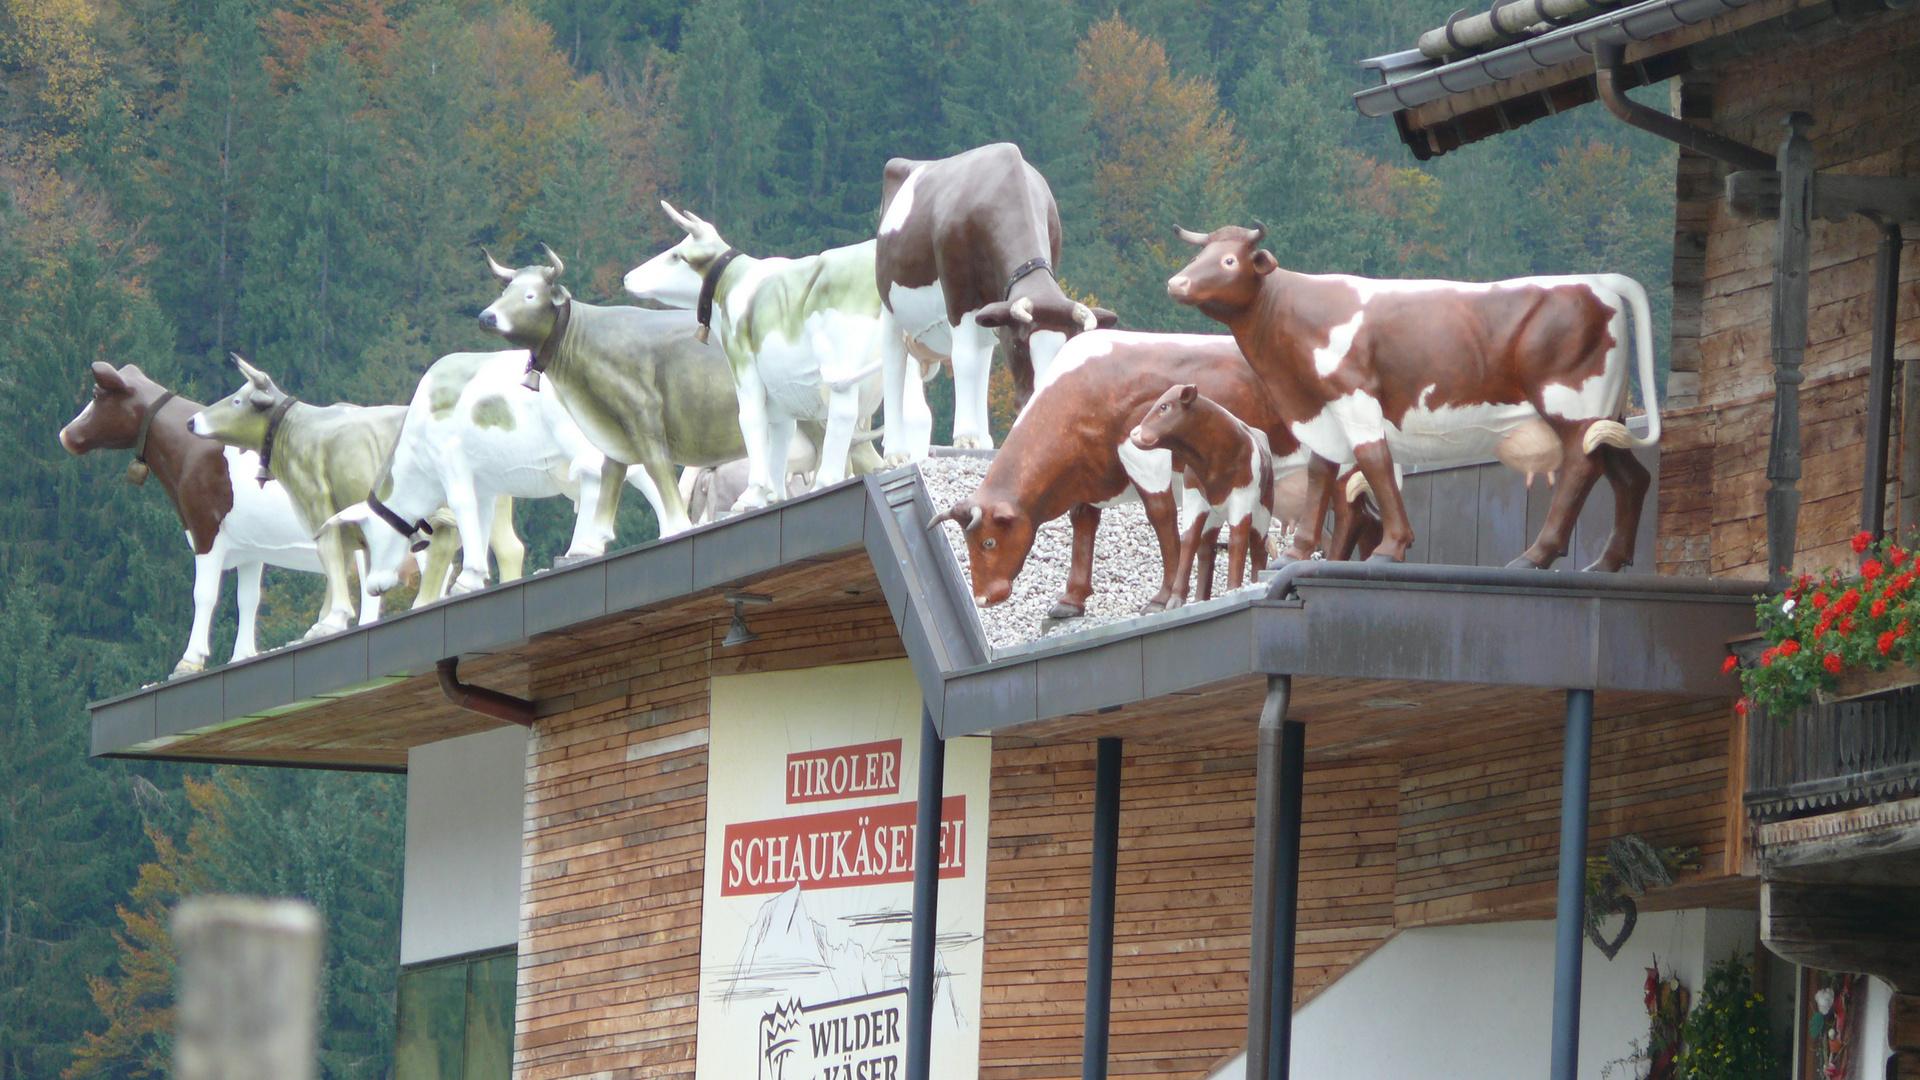 wie kommen denn diese kühe aufs dach?